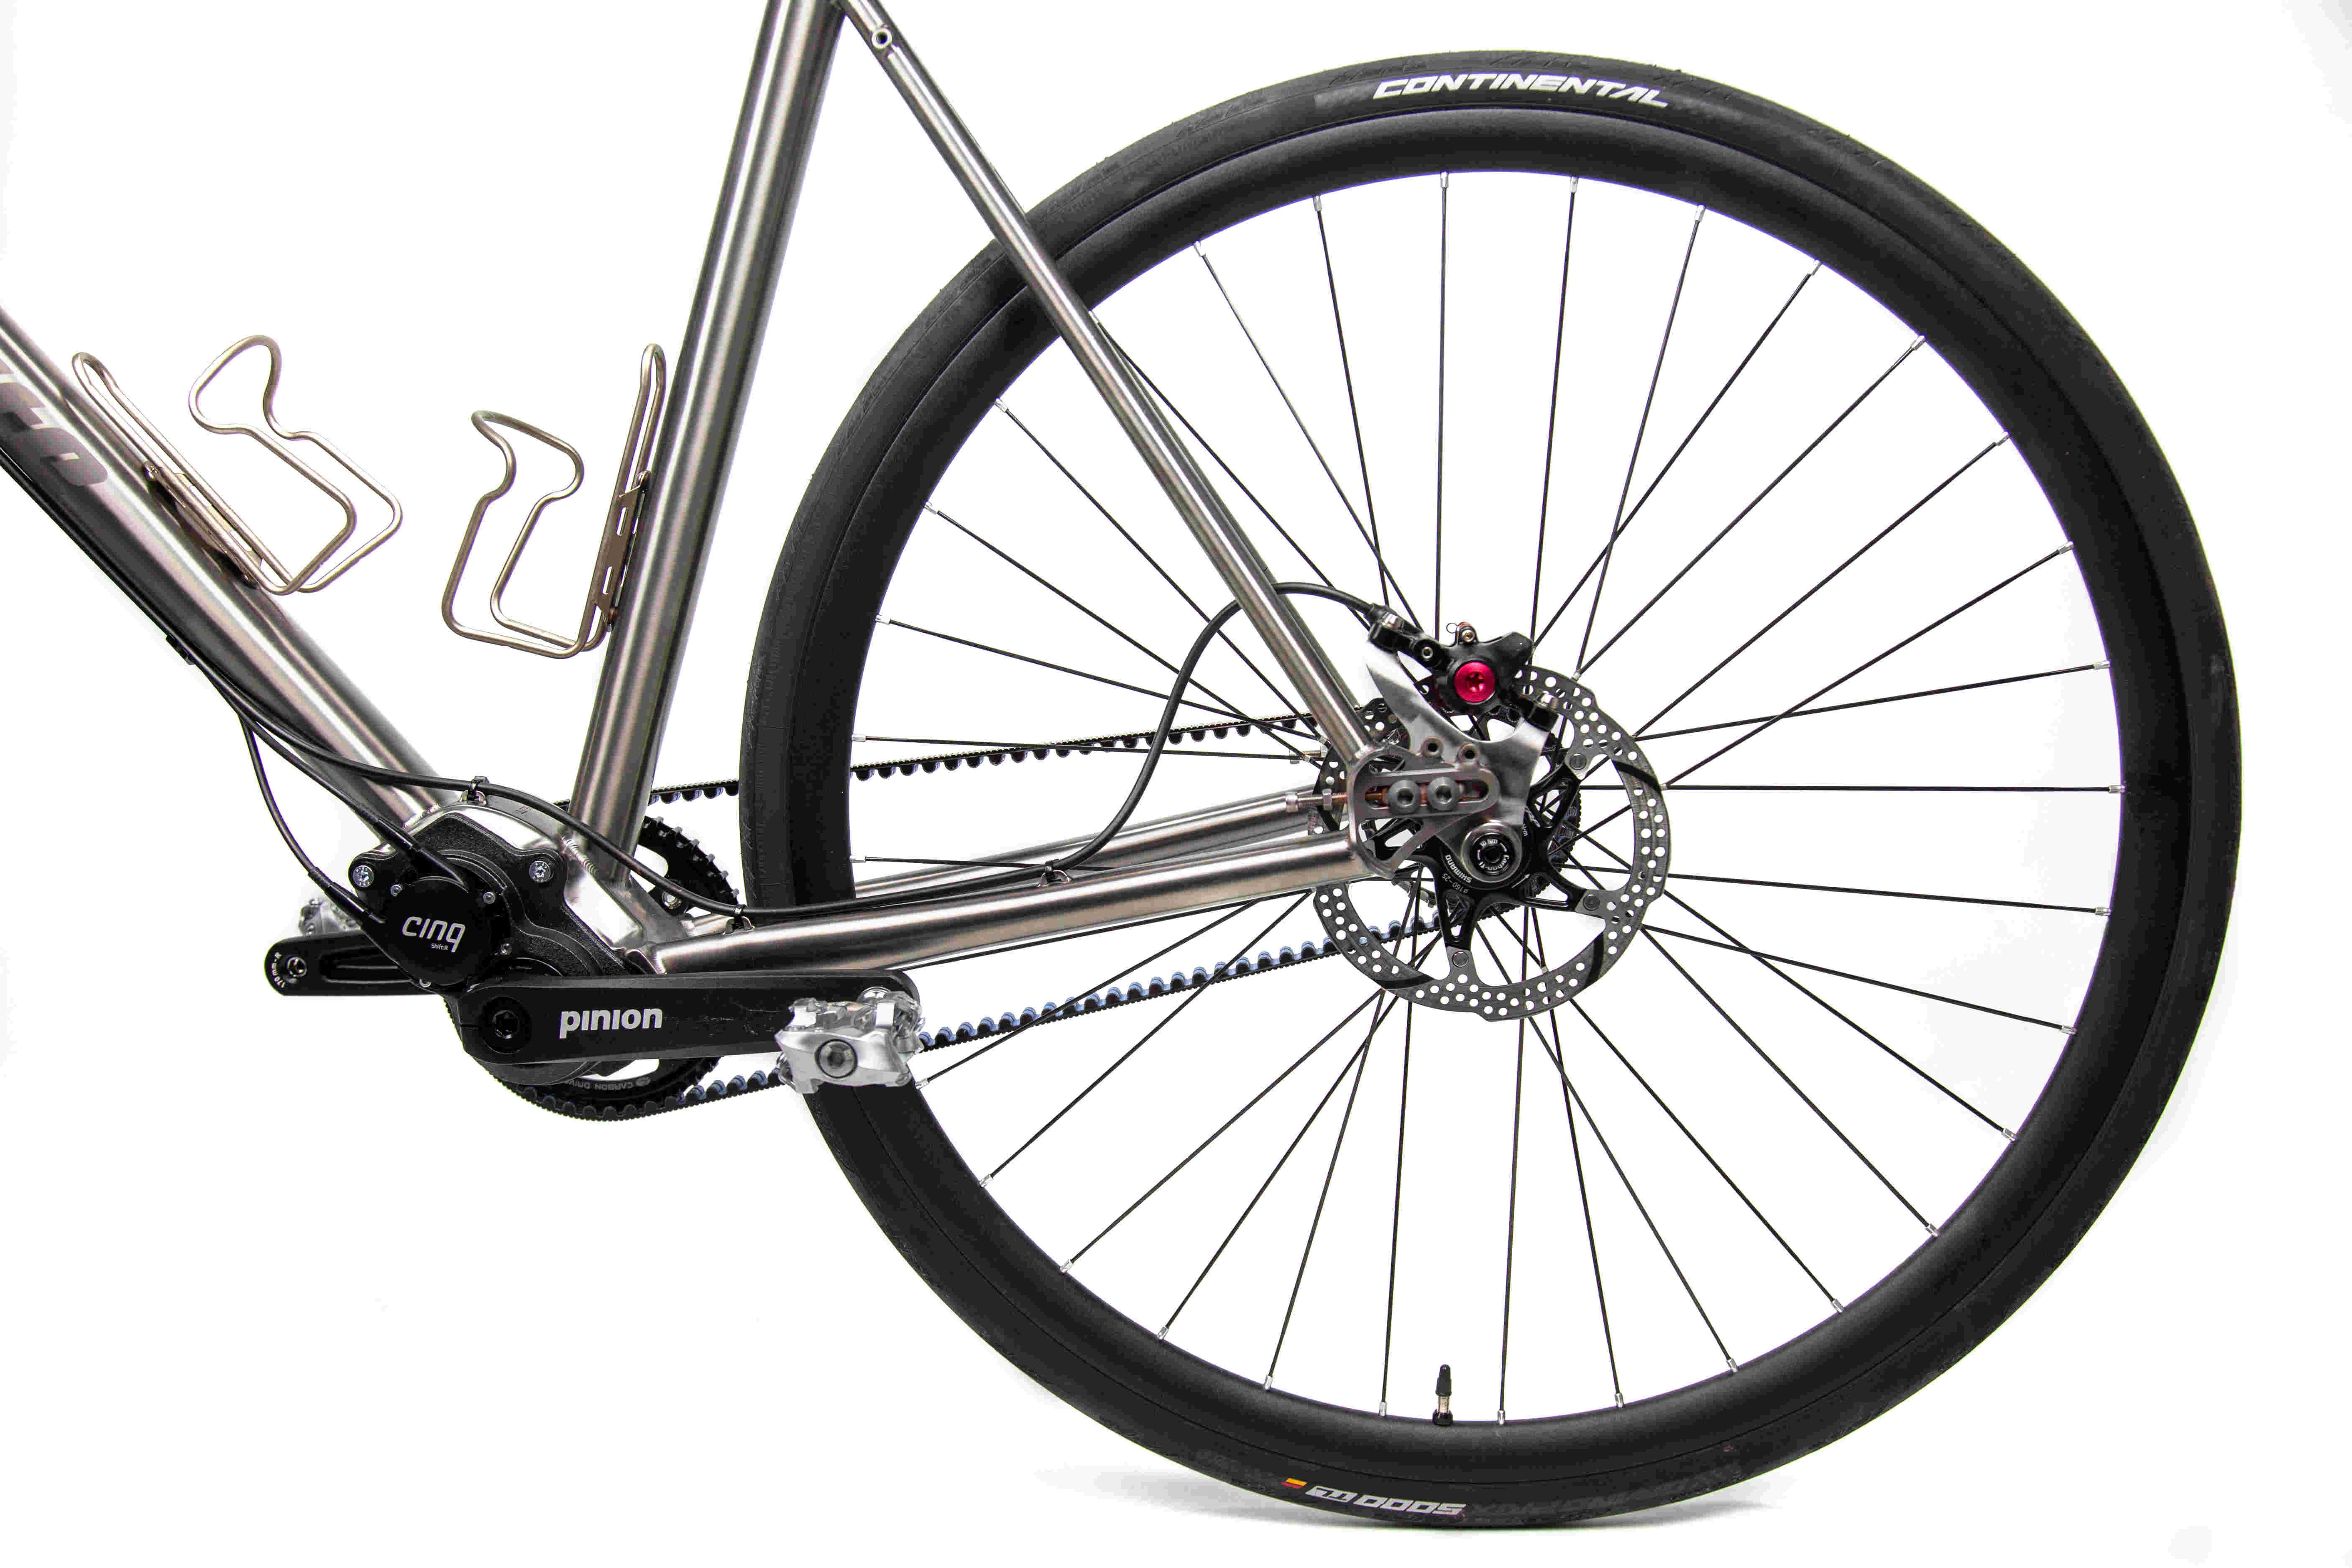 19_Pinion_Gravel_Race_Bike.jpg